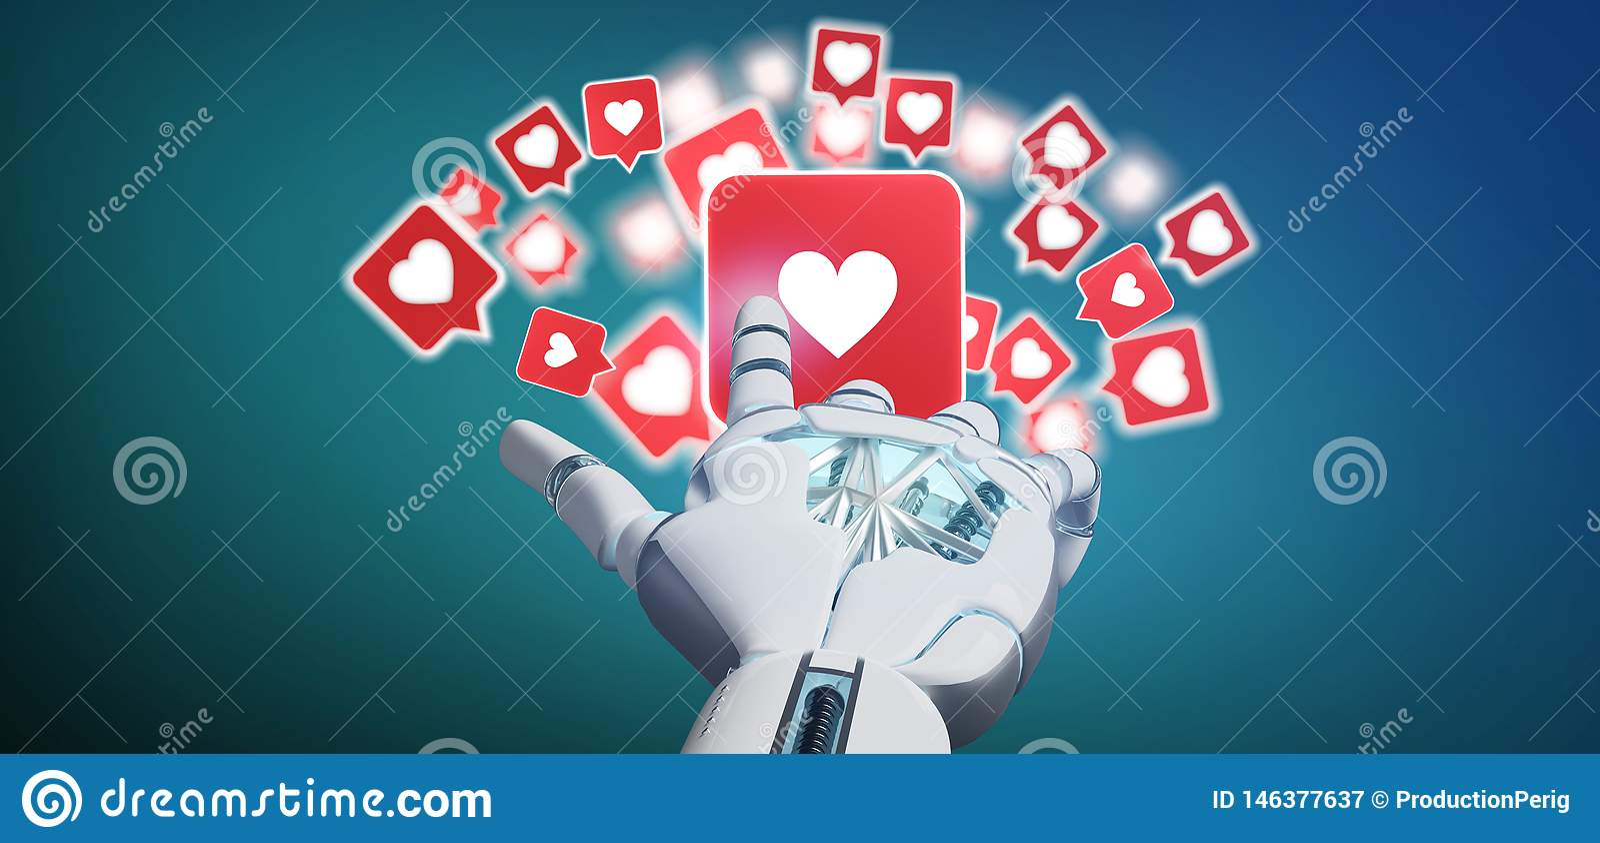 Рука киборга держа вероятное уведомление на социальном переводе средств массовой информации 3d